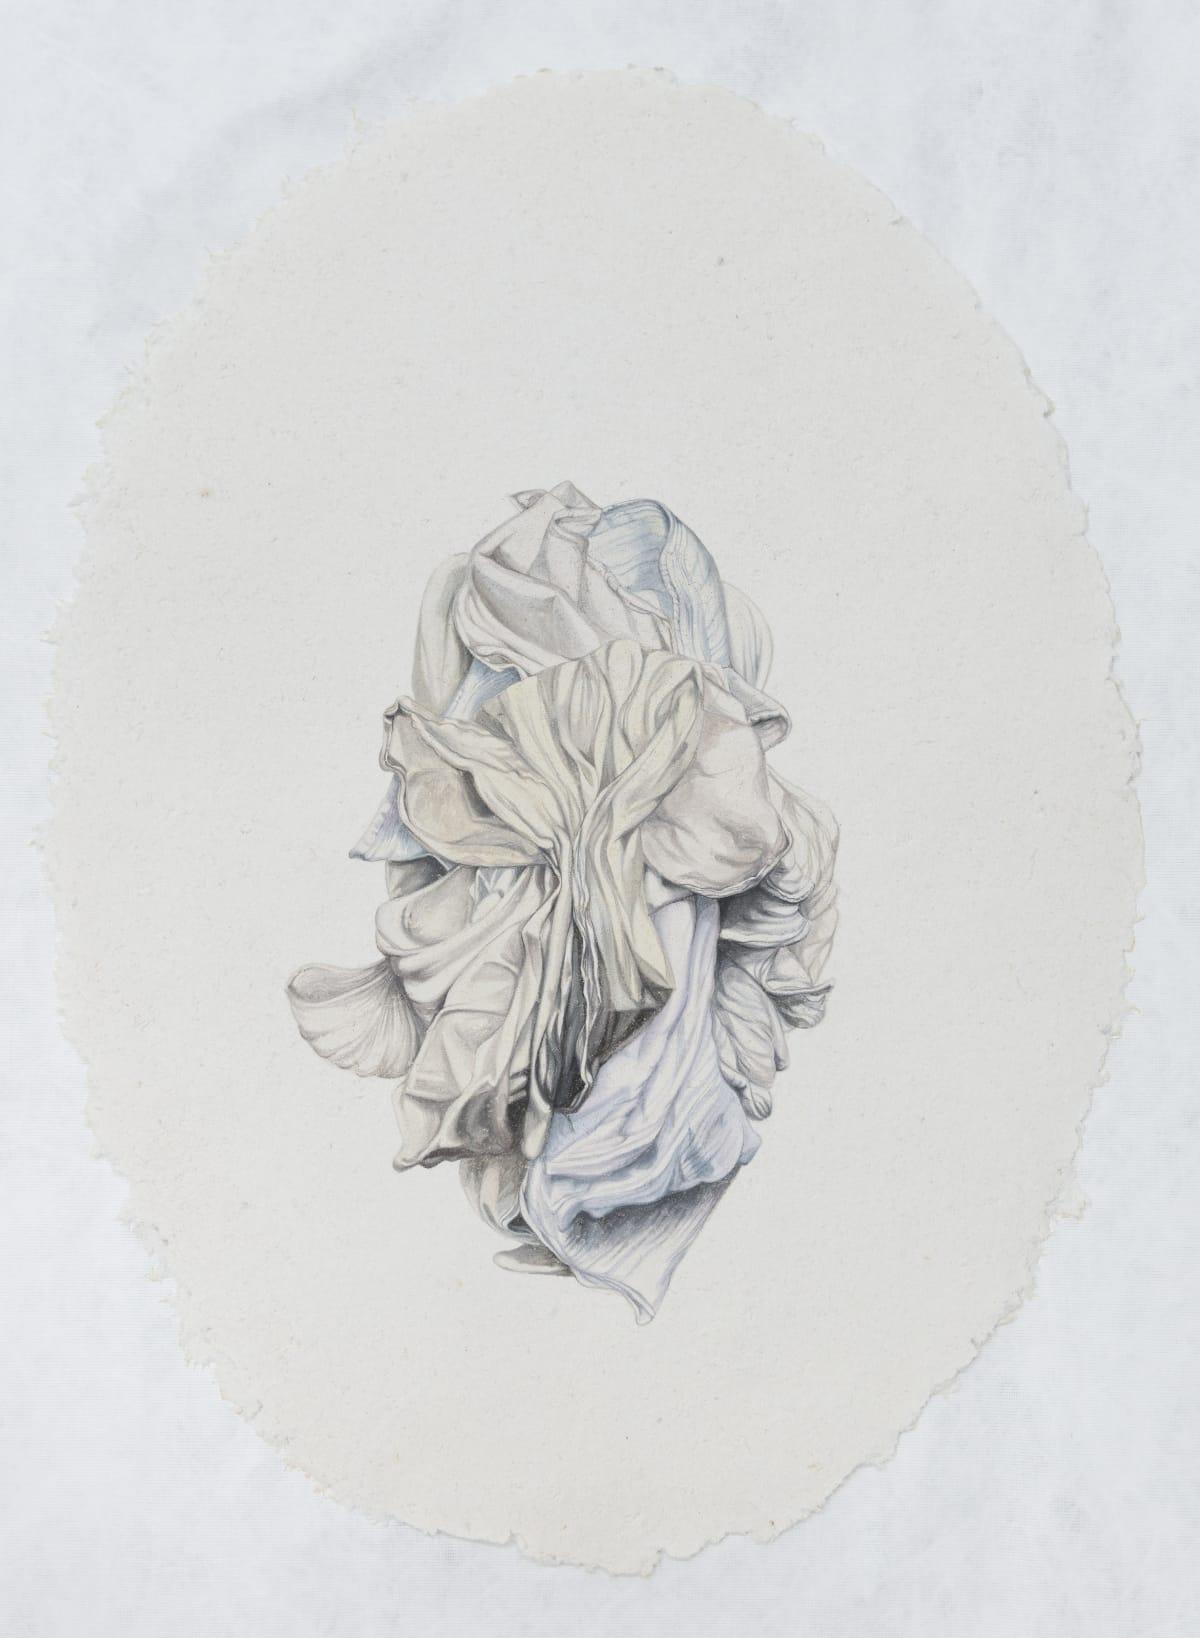 Marita Hewitt, The Unseen Always, 2019